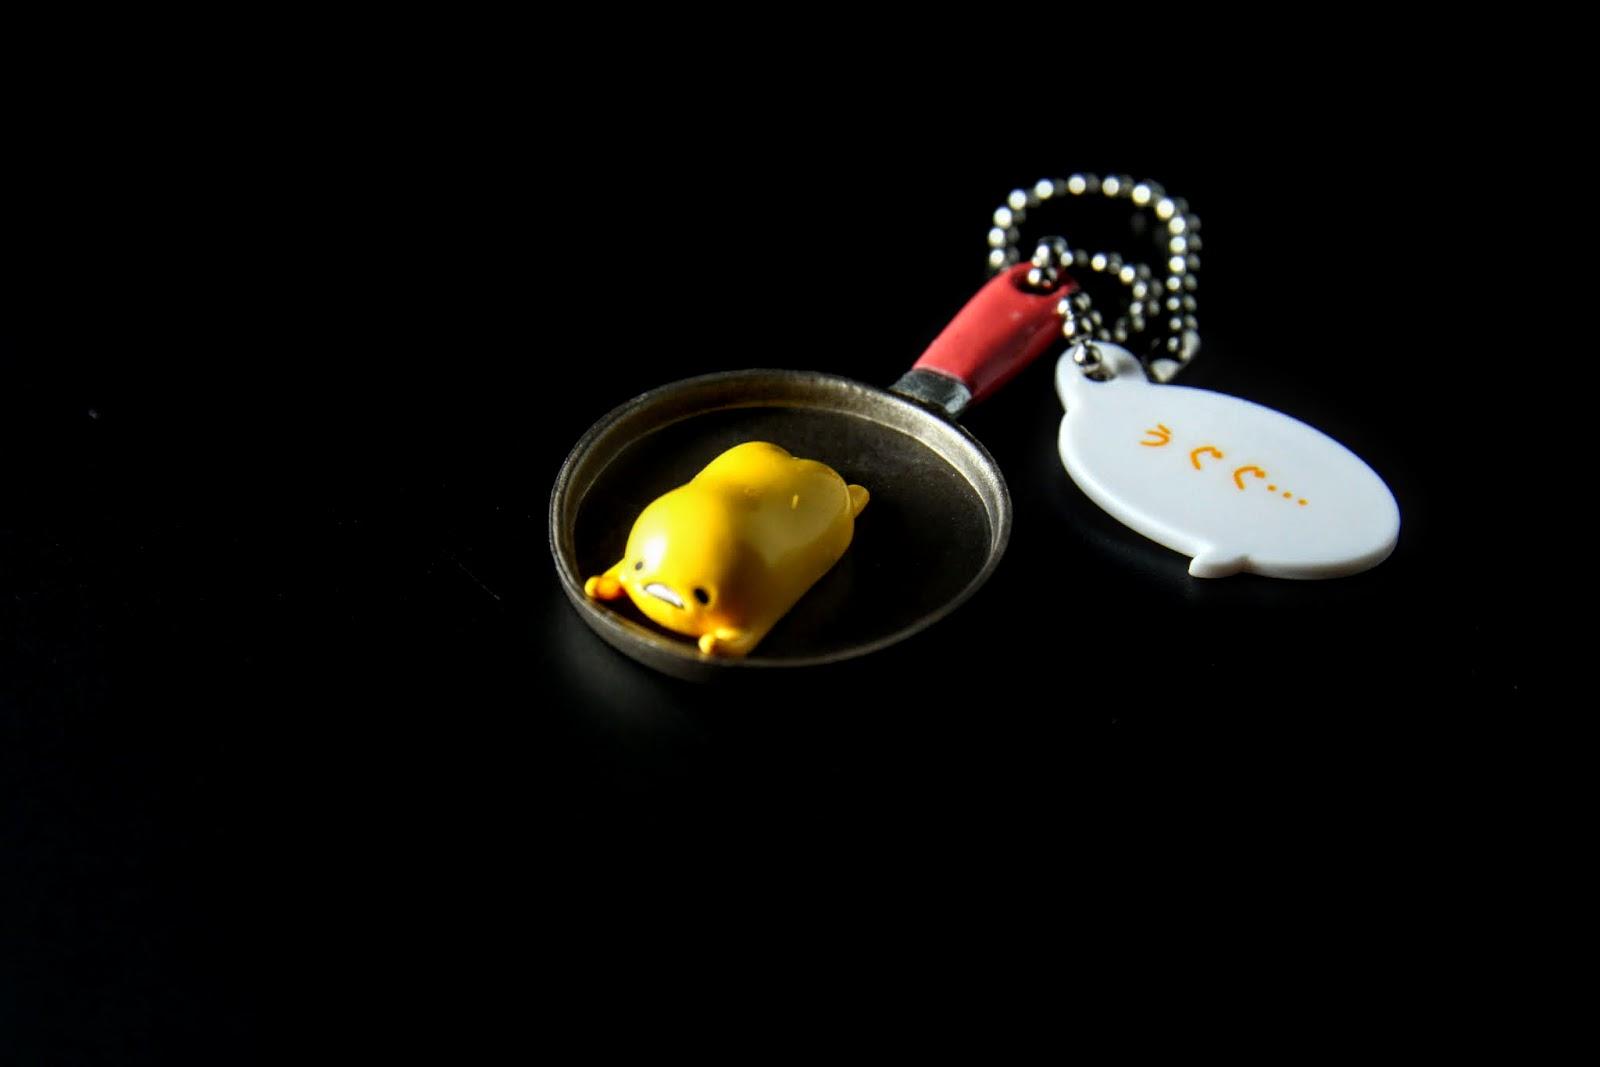 平底鍋上的蛋黃哥